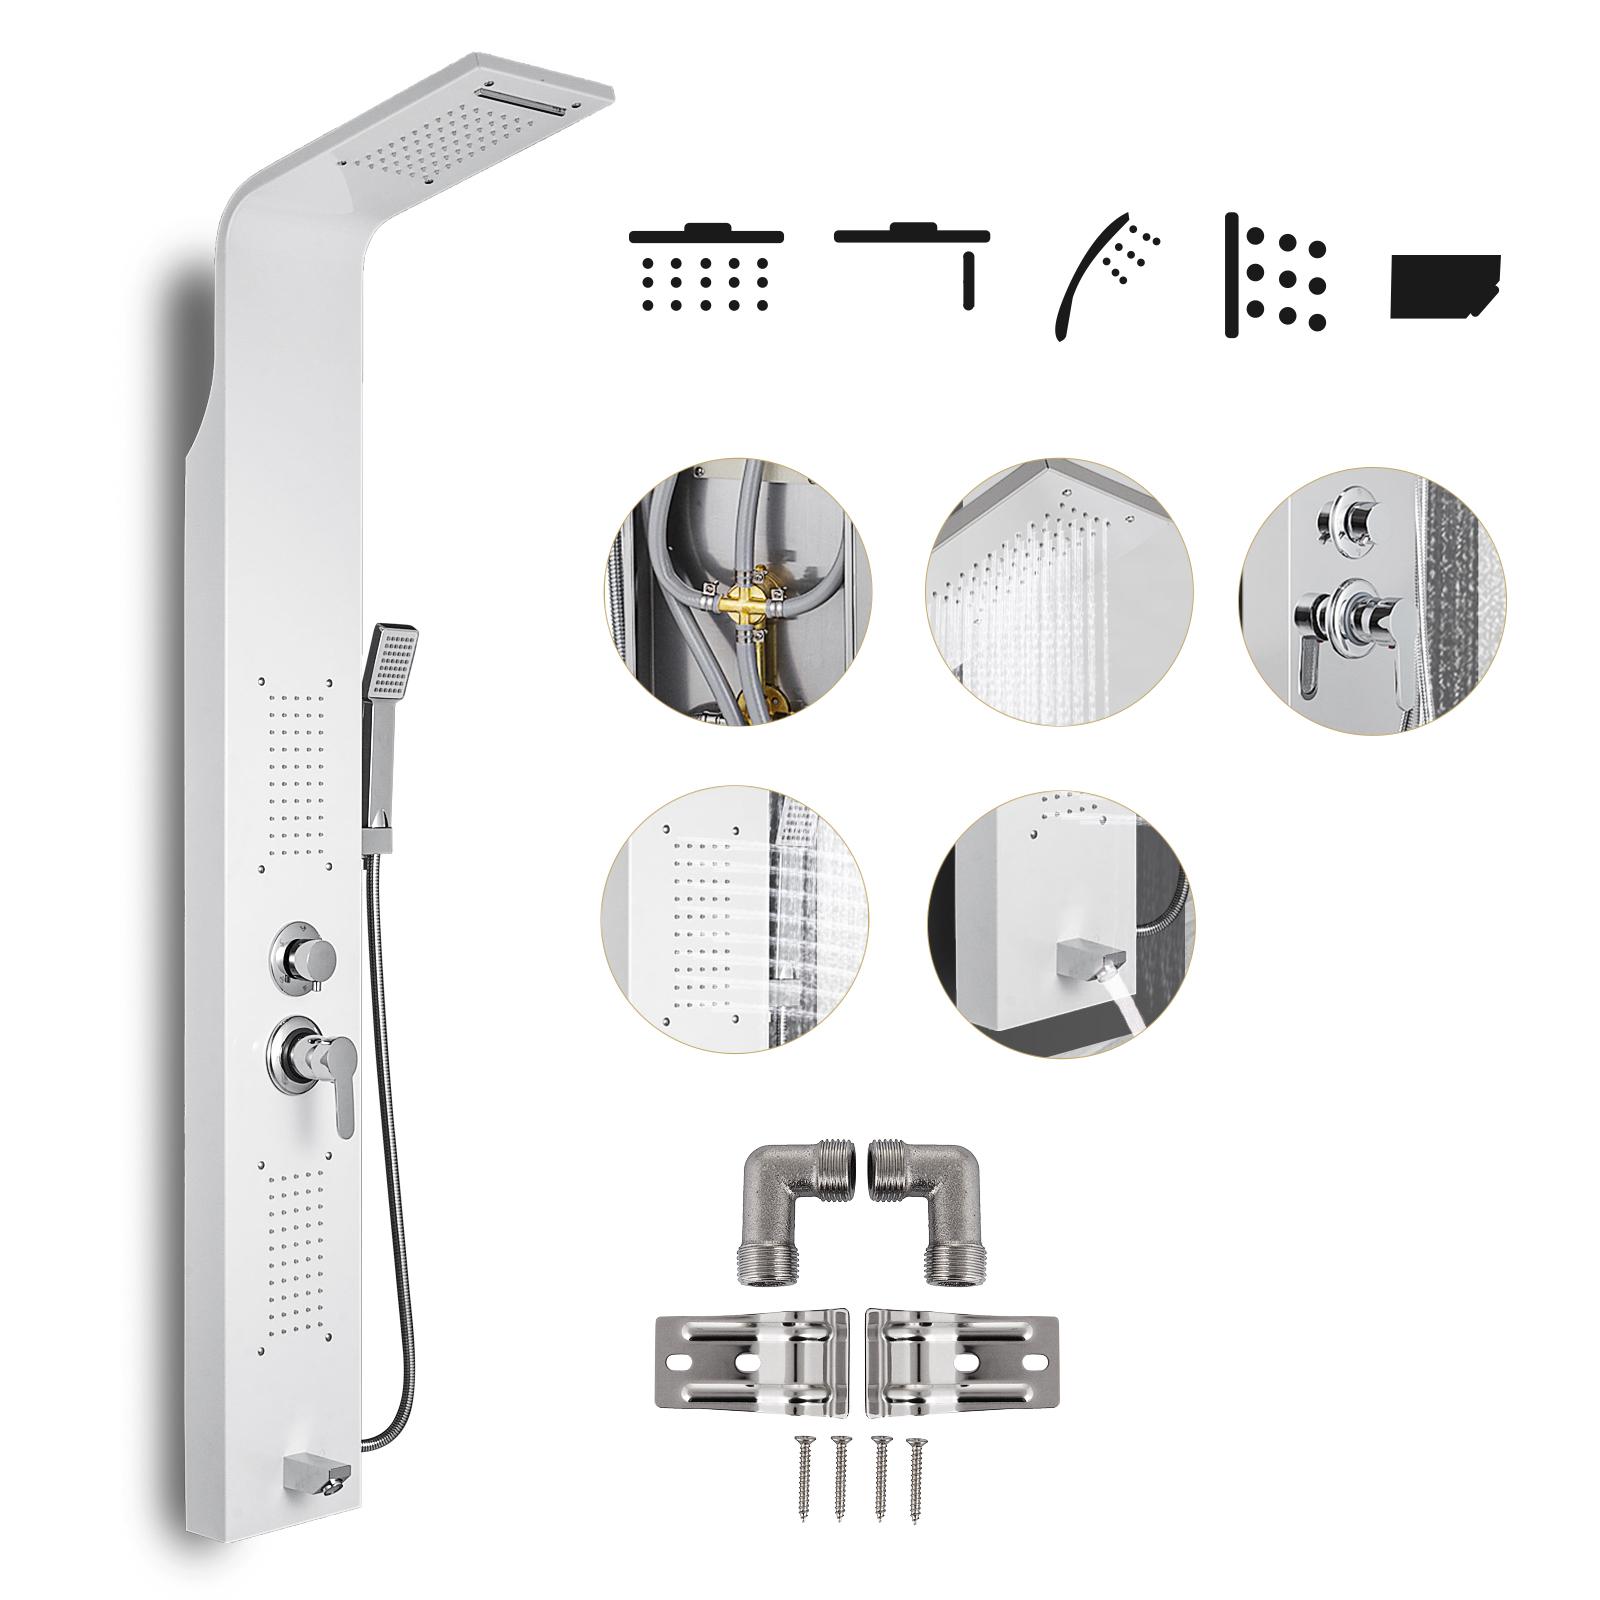 Pannello-doccia-idromassaggio-colonna-in-acciaio-inossidabile-con-miscelatore miniatura 24